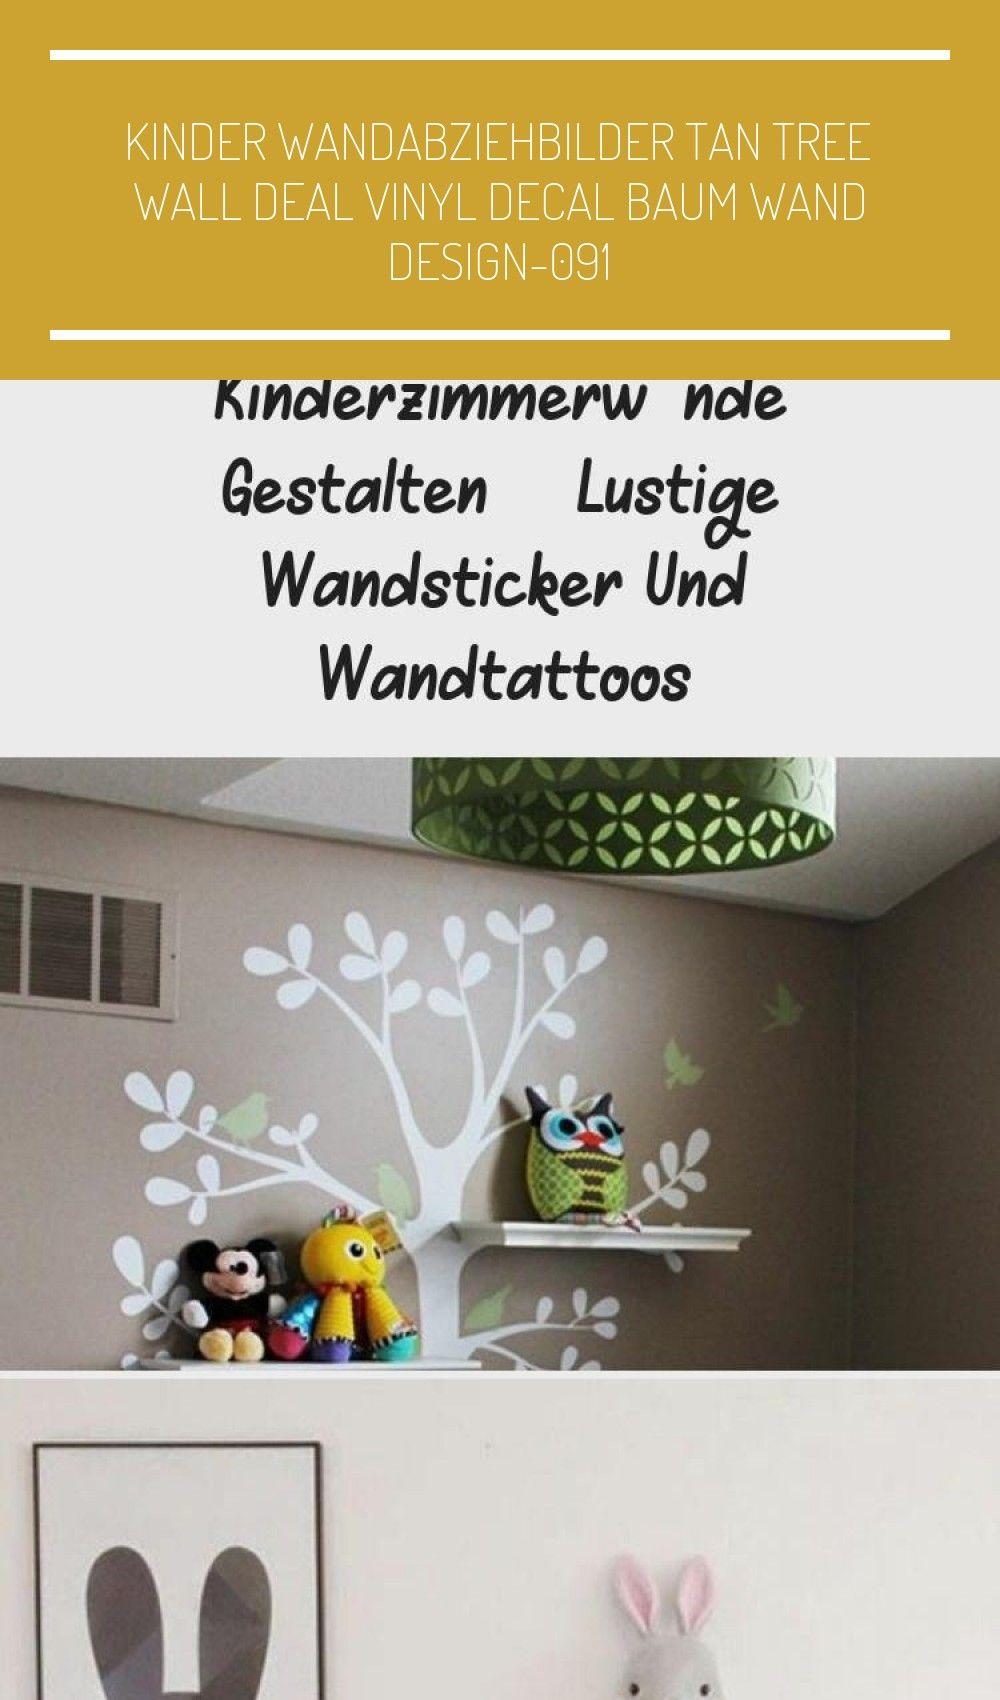 Kinderzimmerwände gestalten  lustige Wandsticker und Wandtattoos wandgestaltung eule